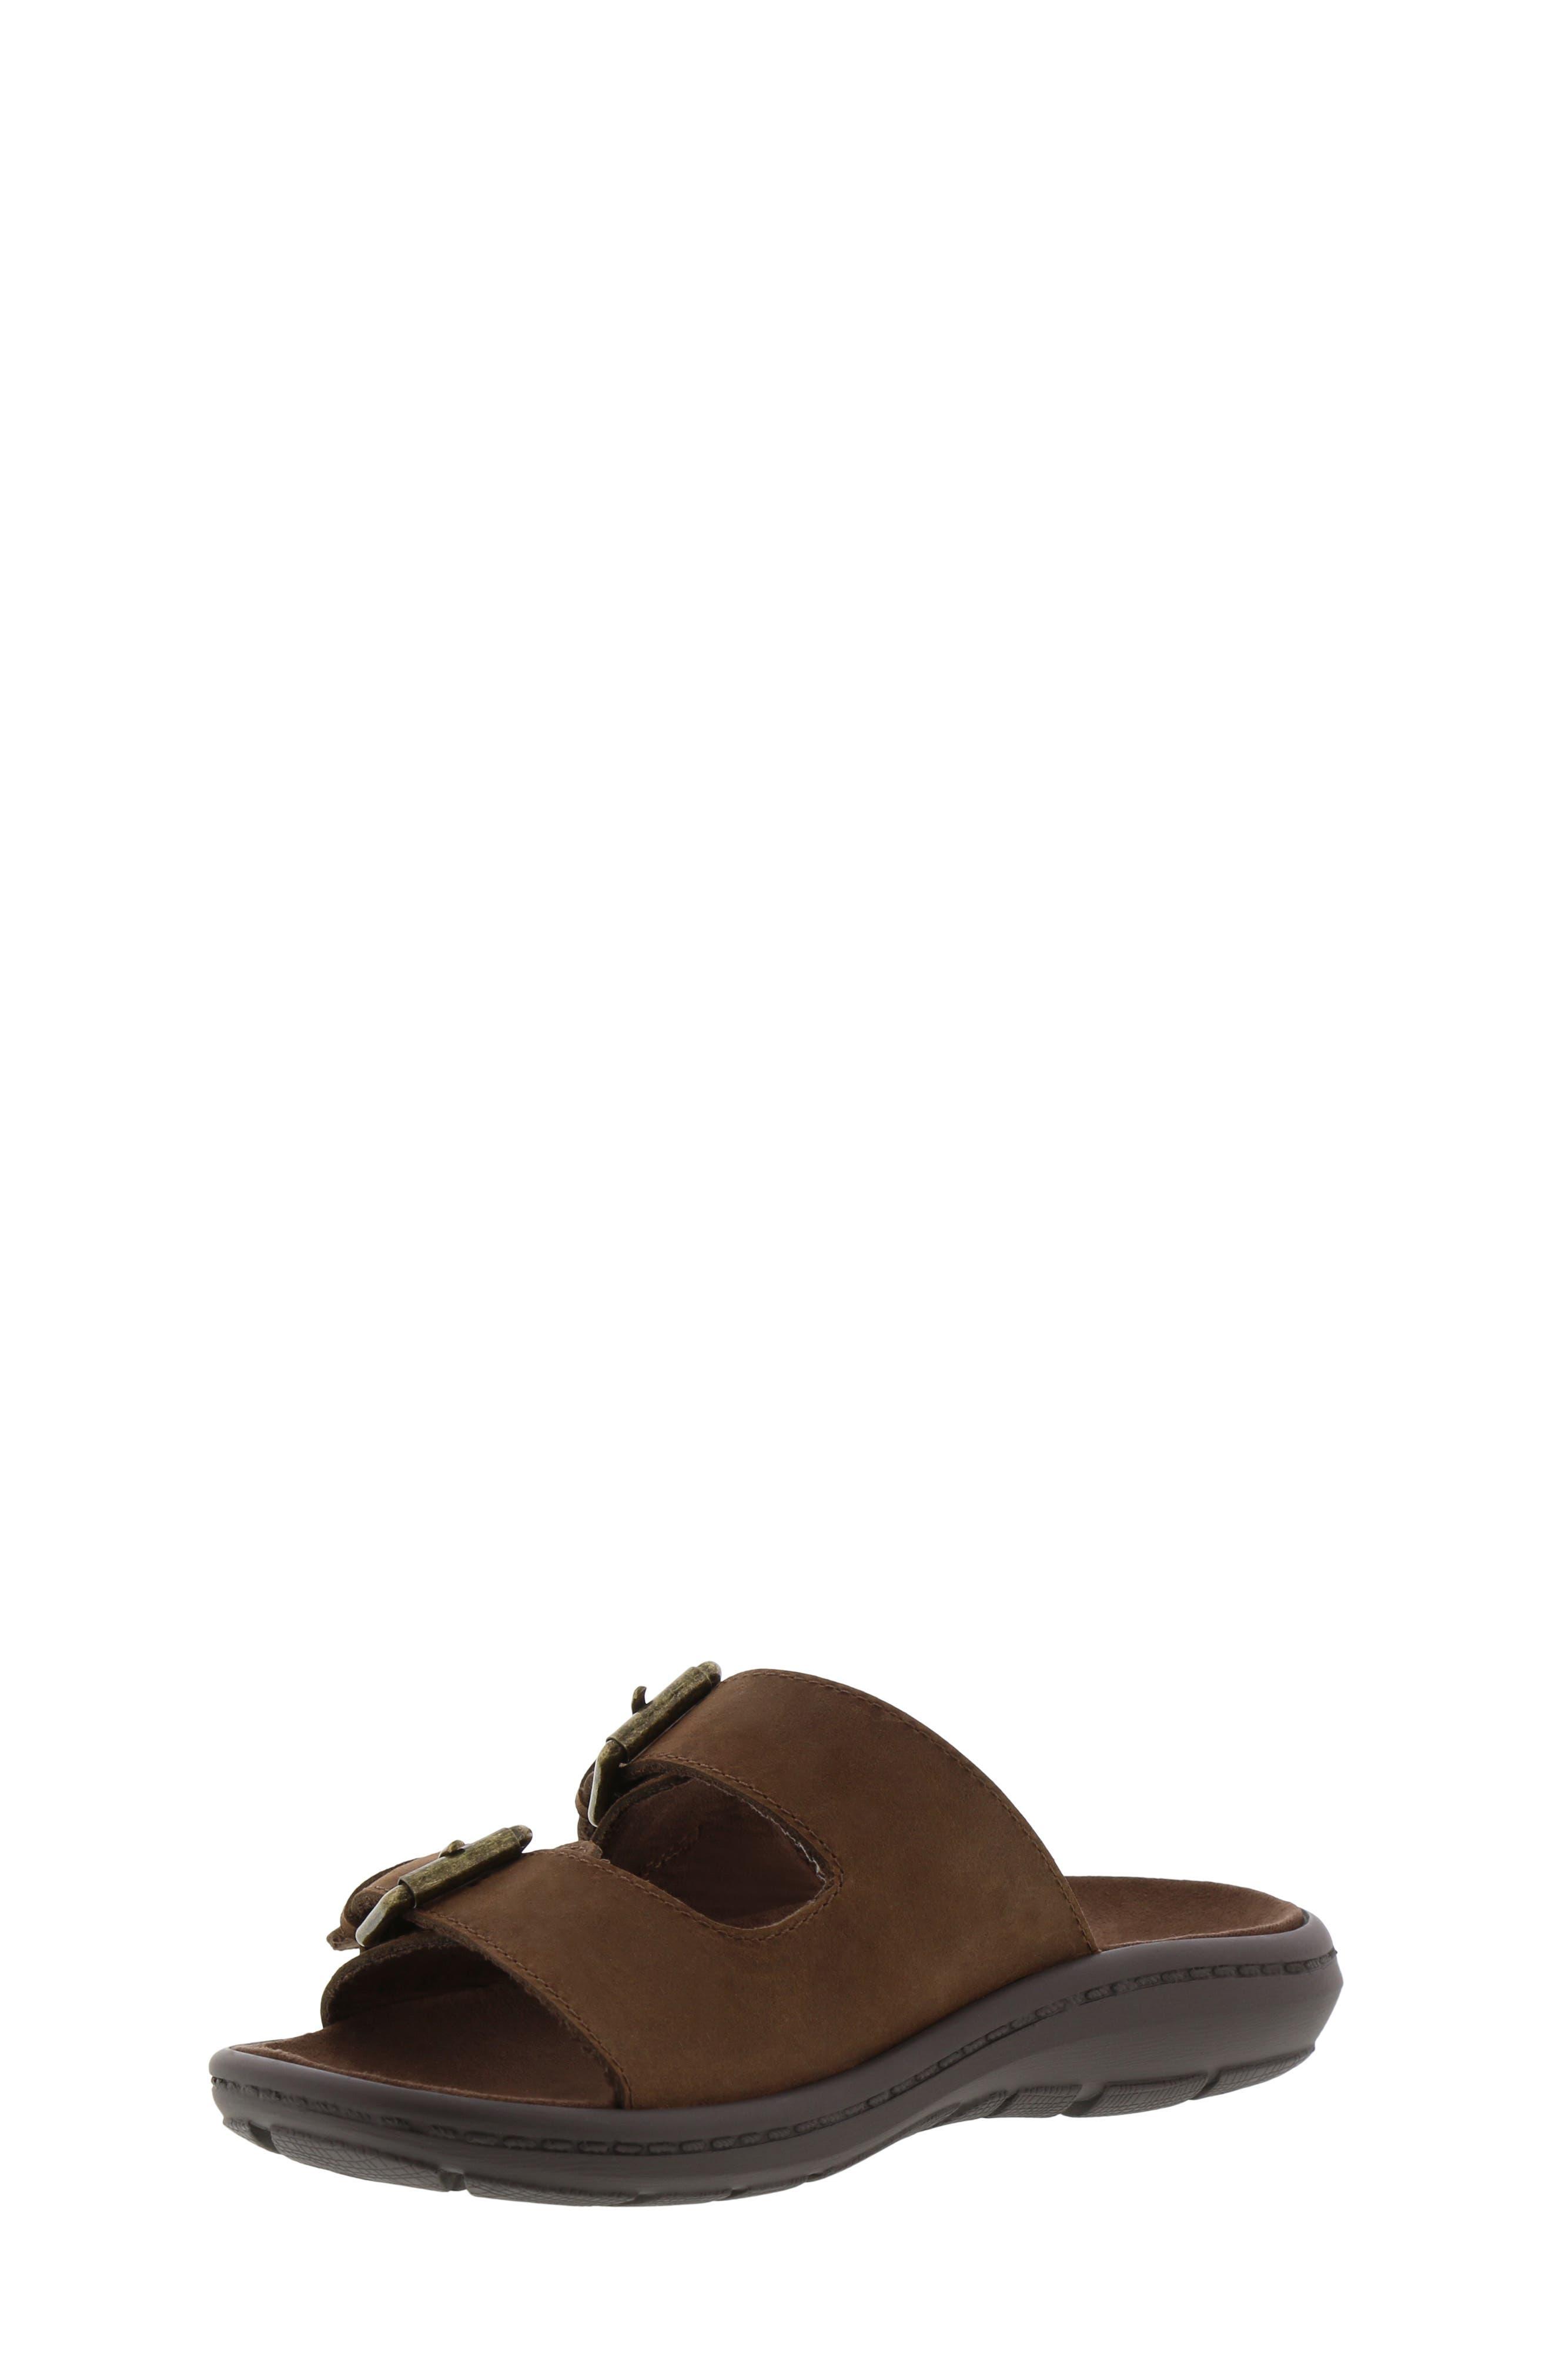 Leaf Leo Slide Sandal, Main, color, BROWN